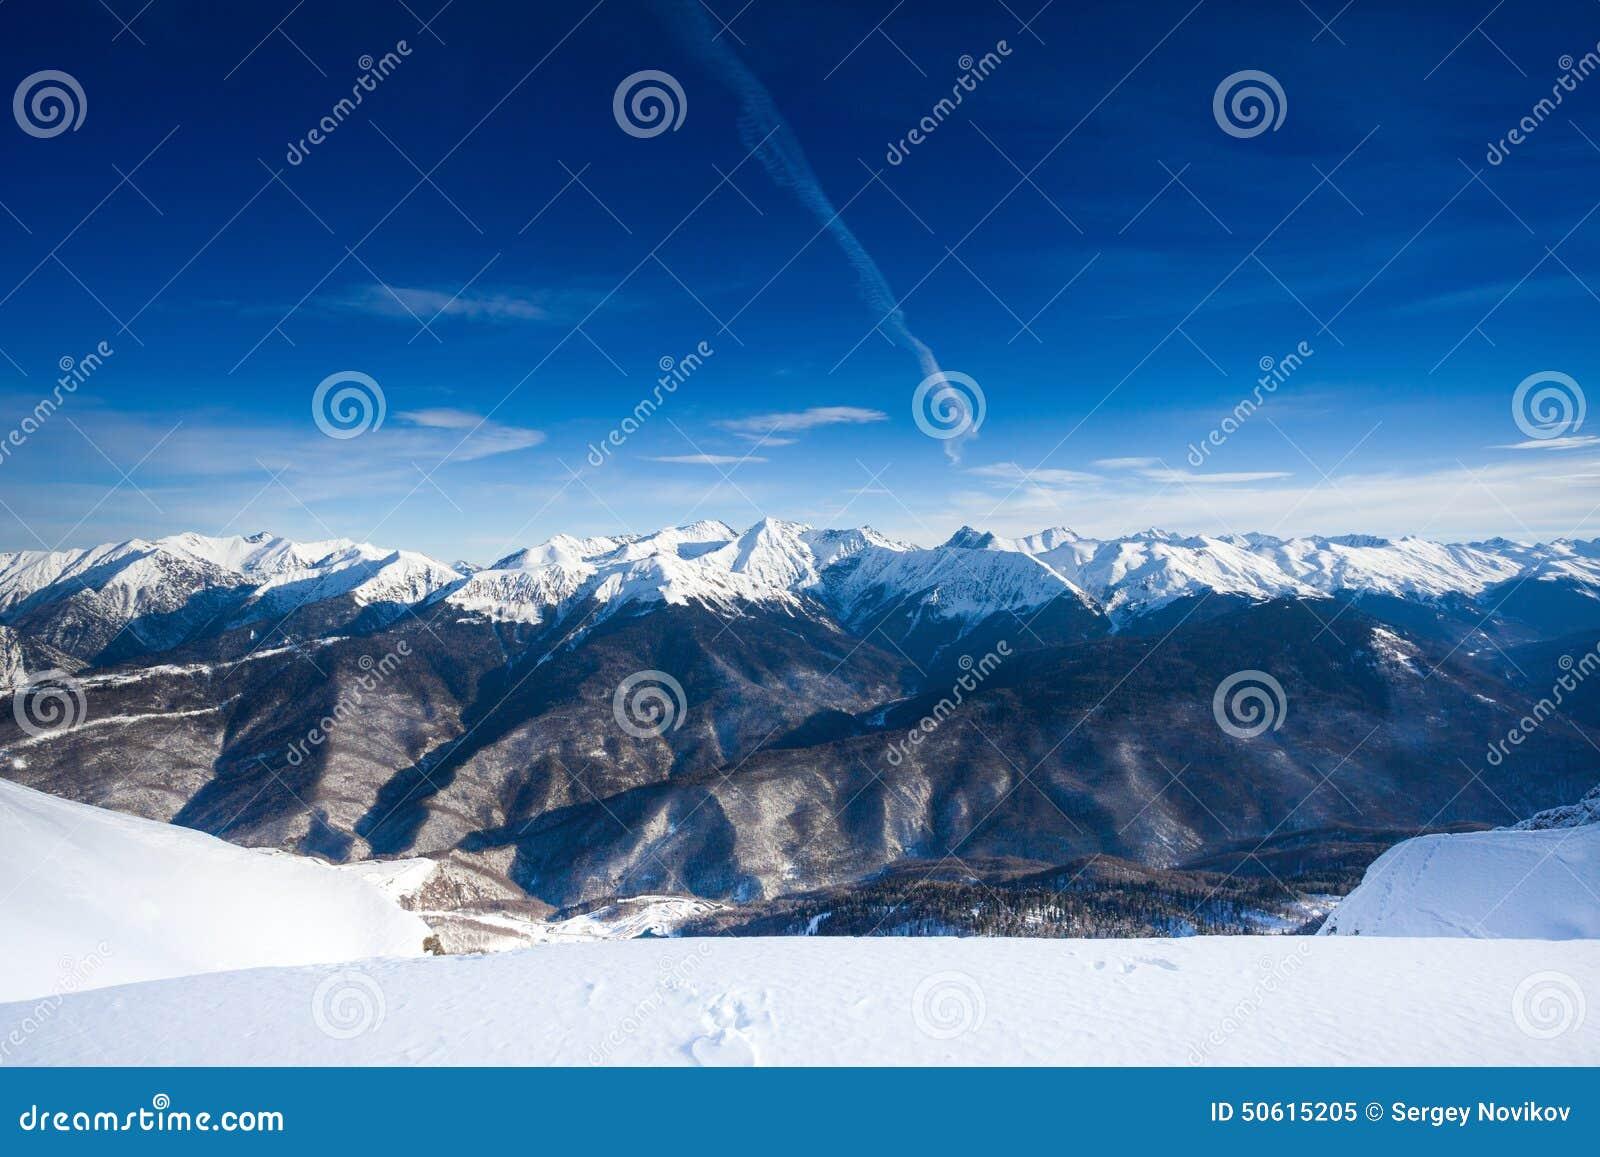 高加索山脉美好的冬天风景